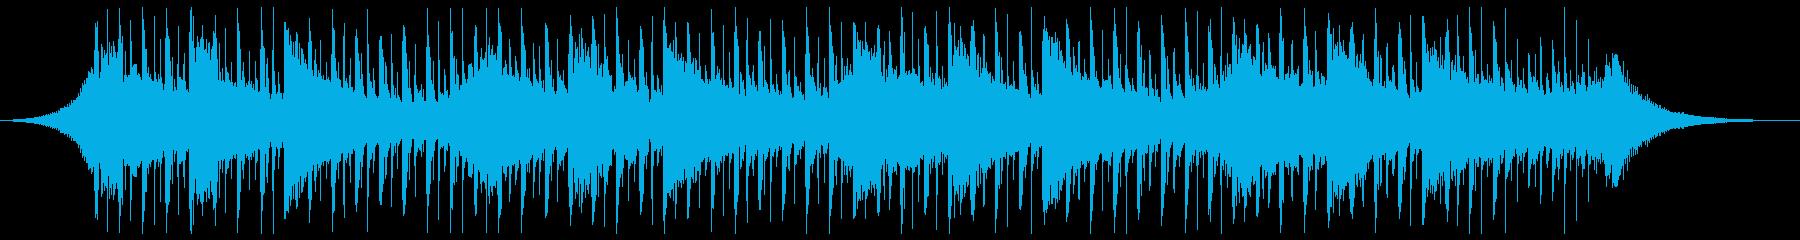 説明(40秒)の再生済みの波形